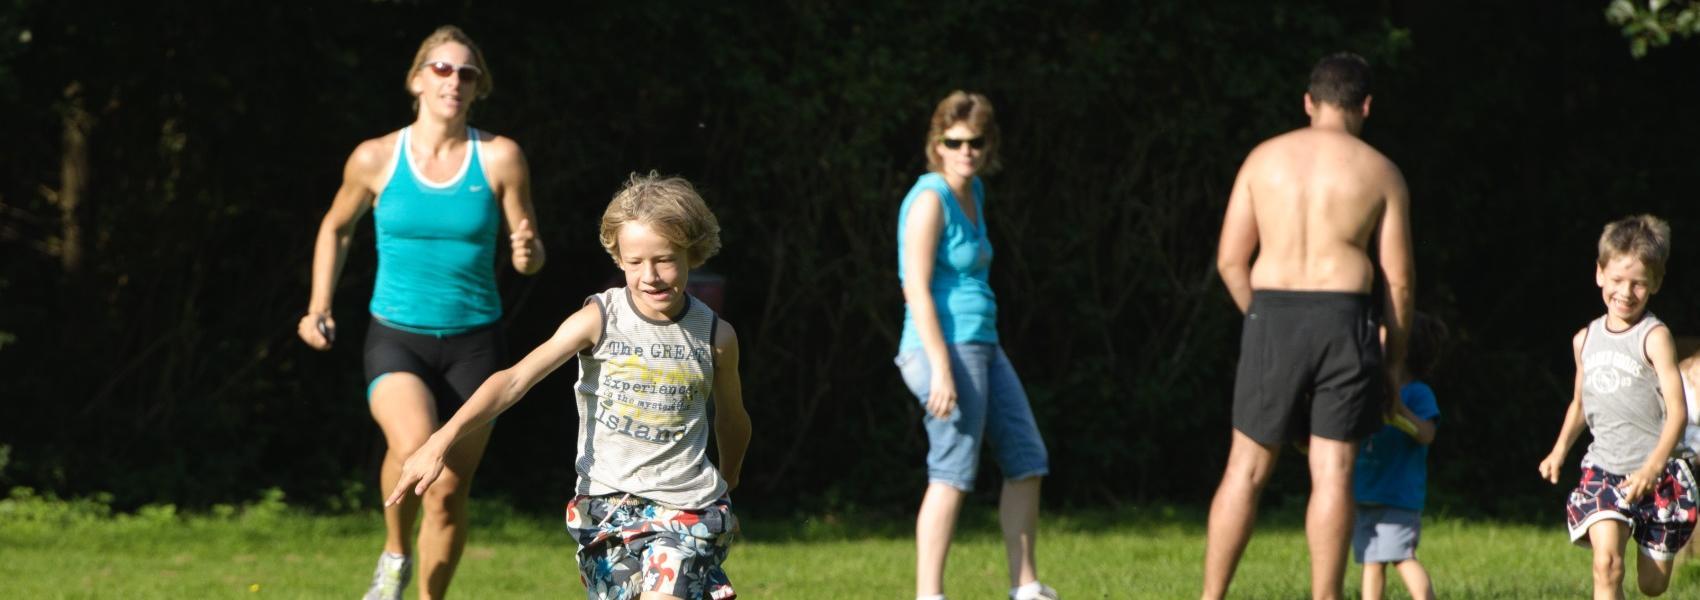 spelende mensen op een grasplein